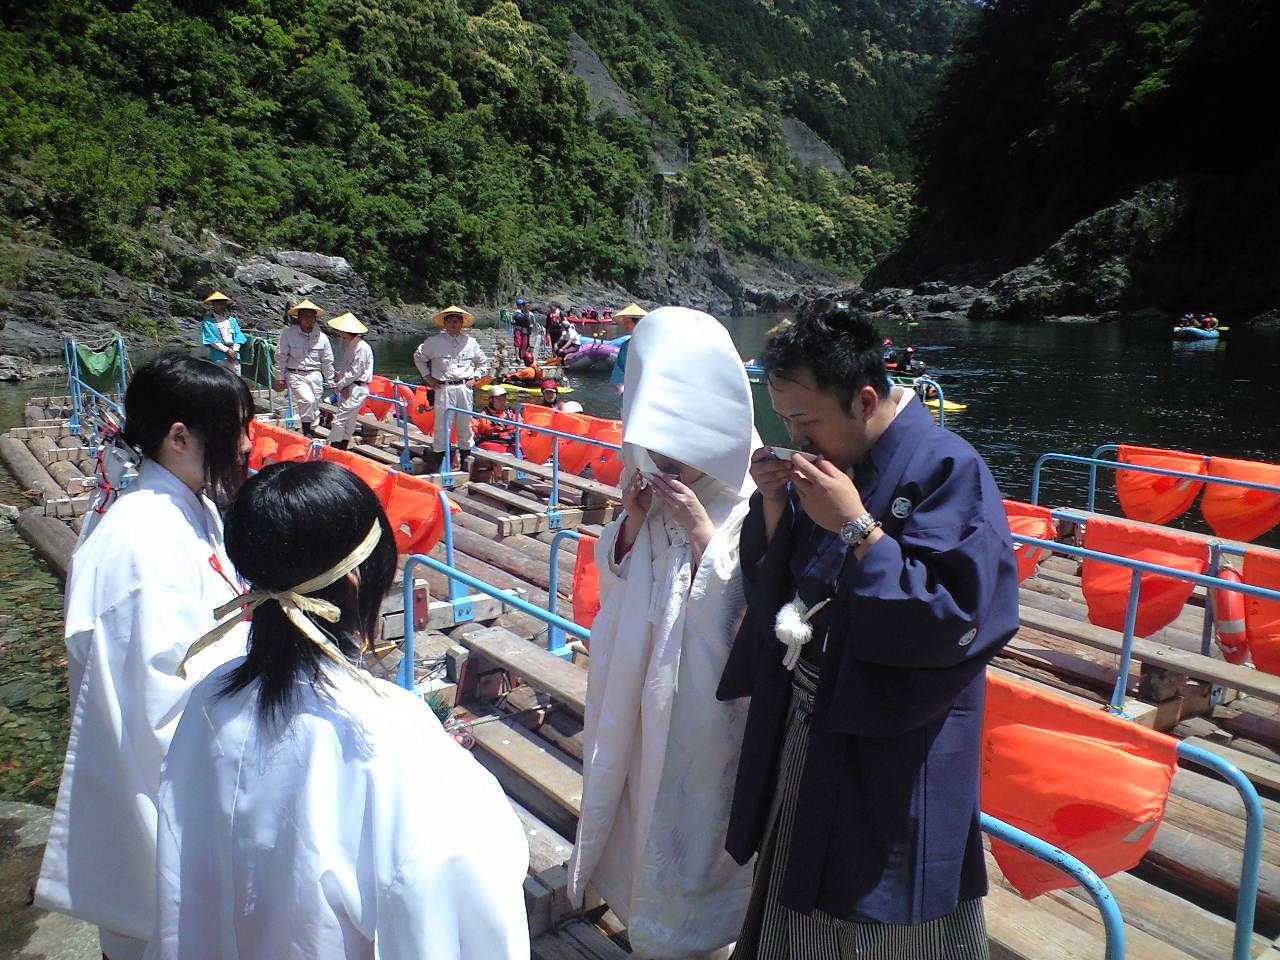 和歌山県北山村・イカダの上で結婚式!